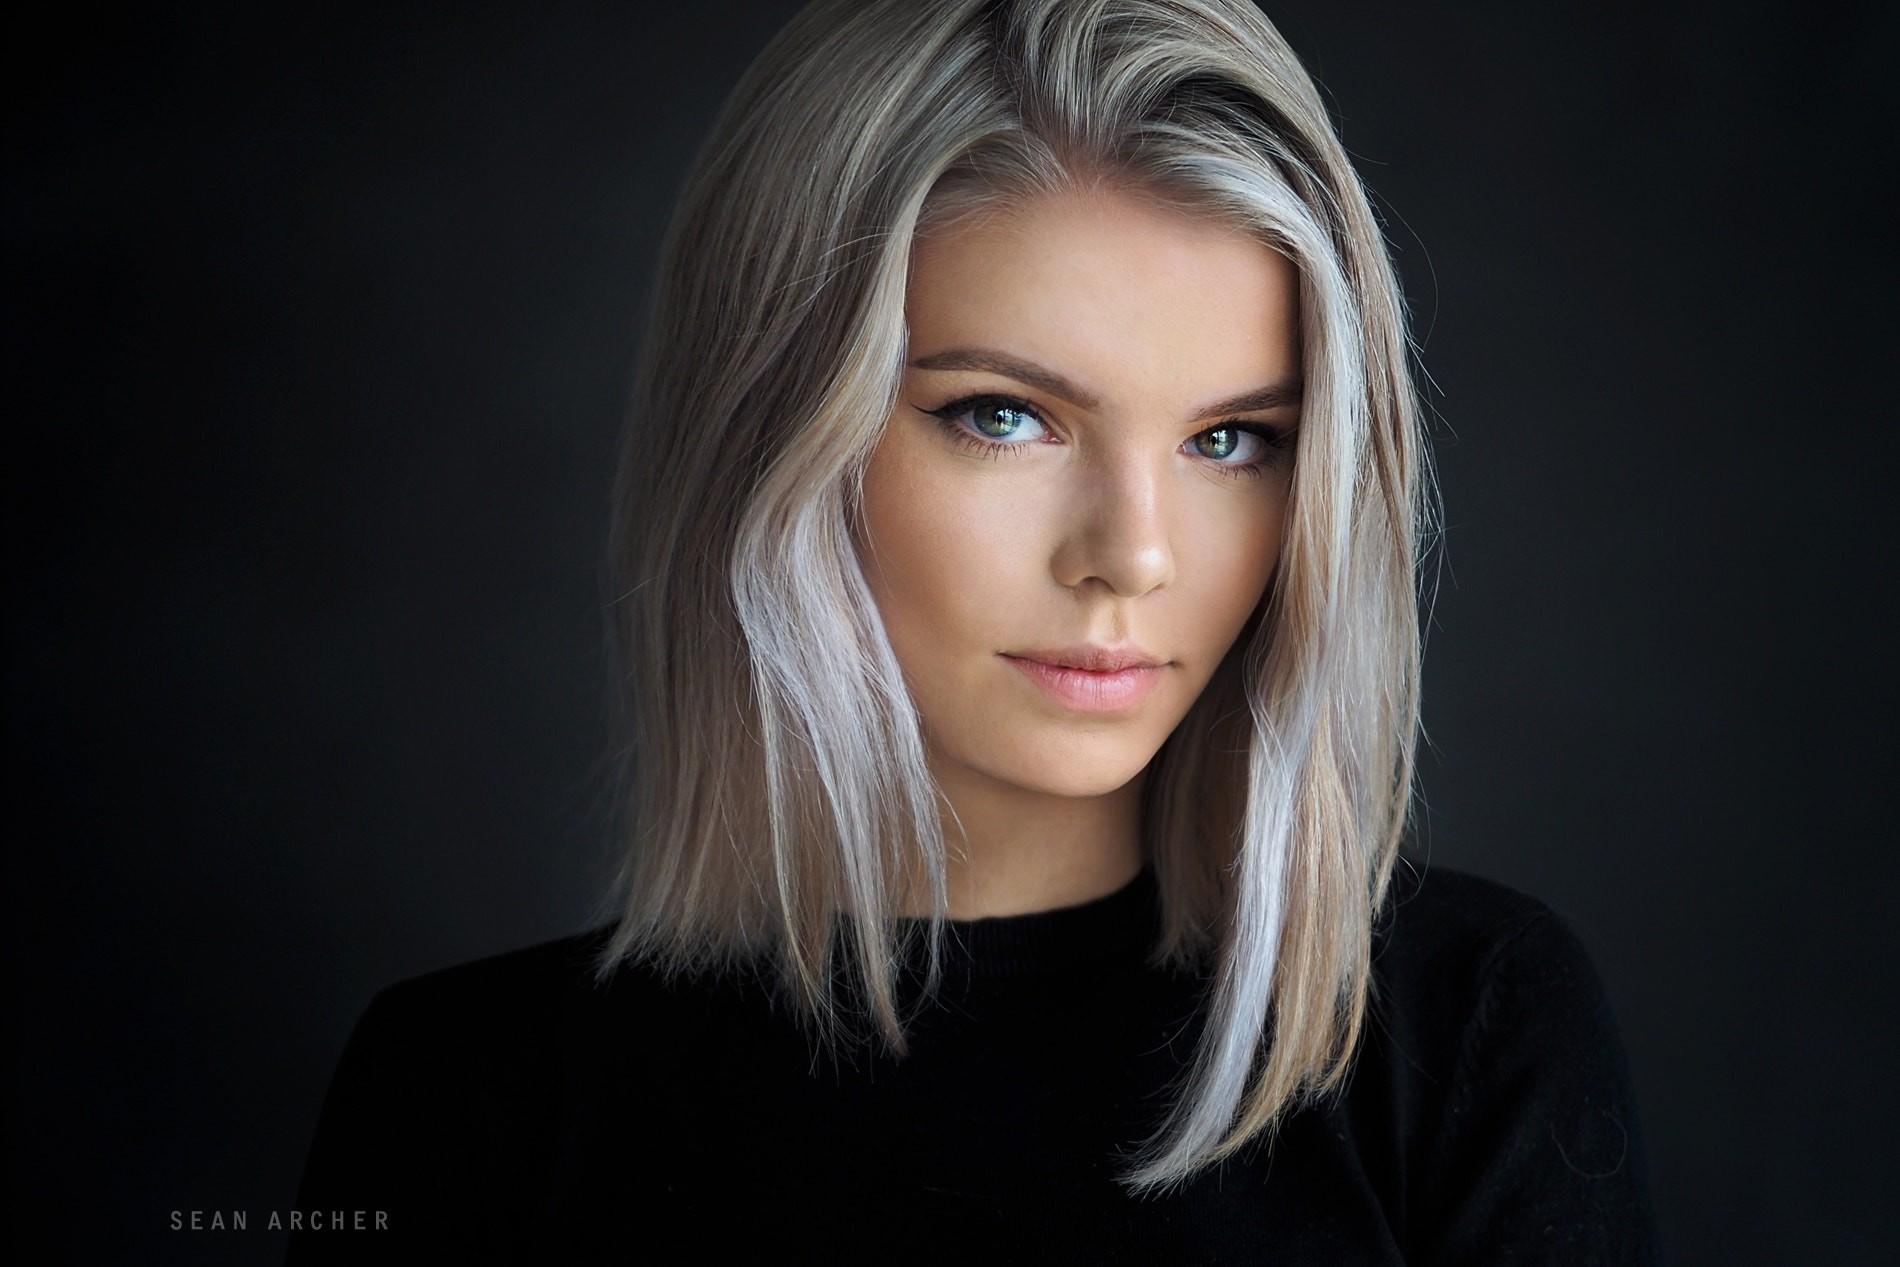 Hintergrundbilder Gesicht Frau Modell Portrat Einfacher